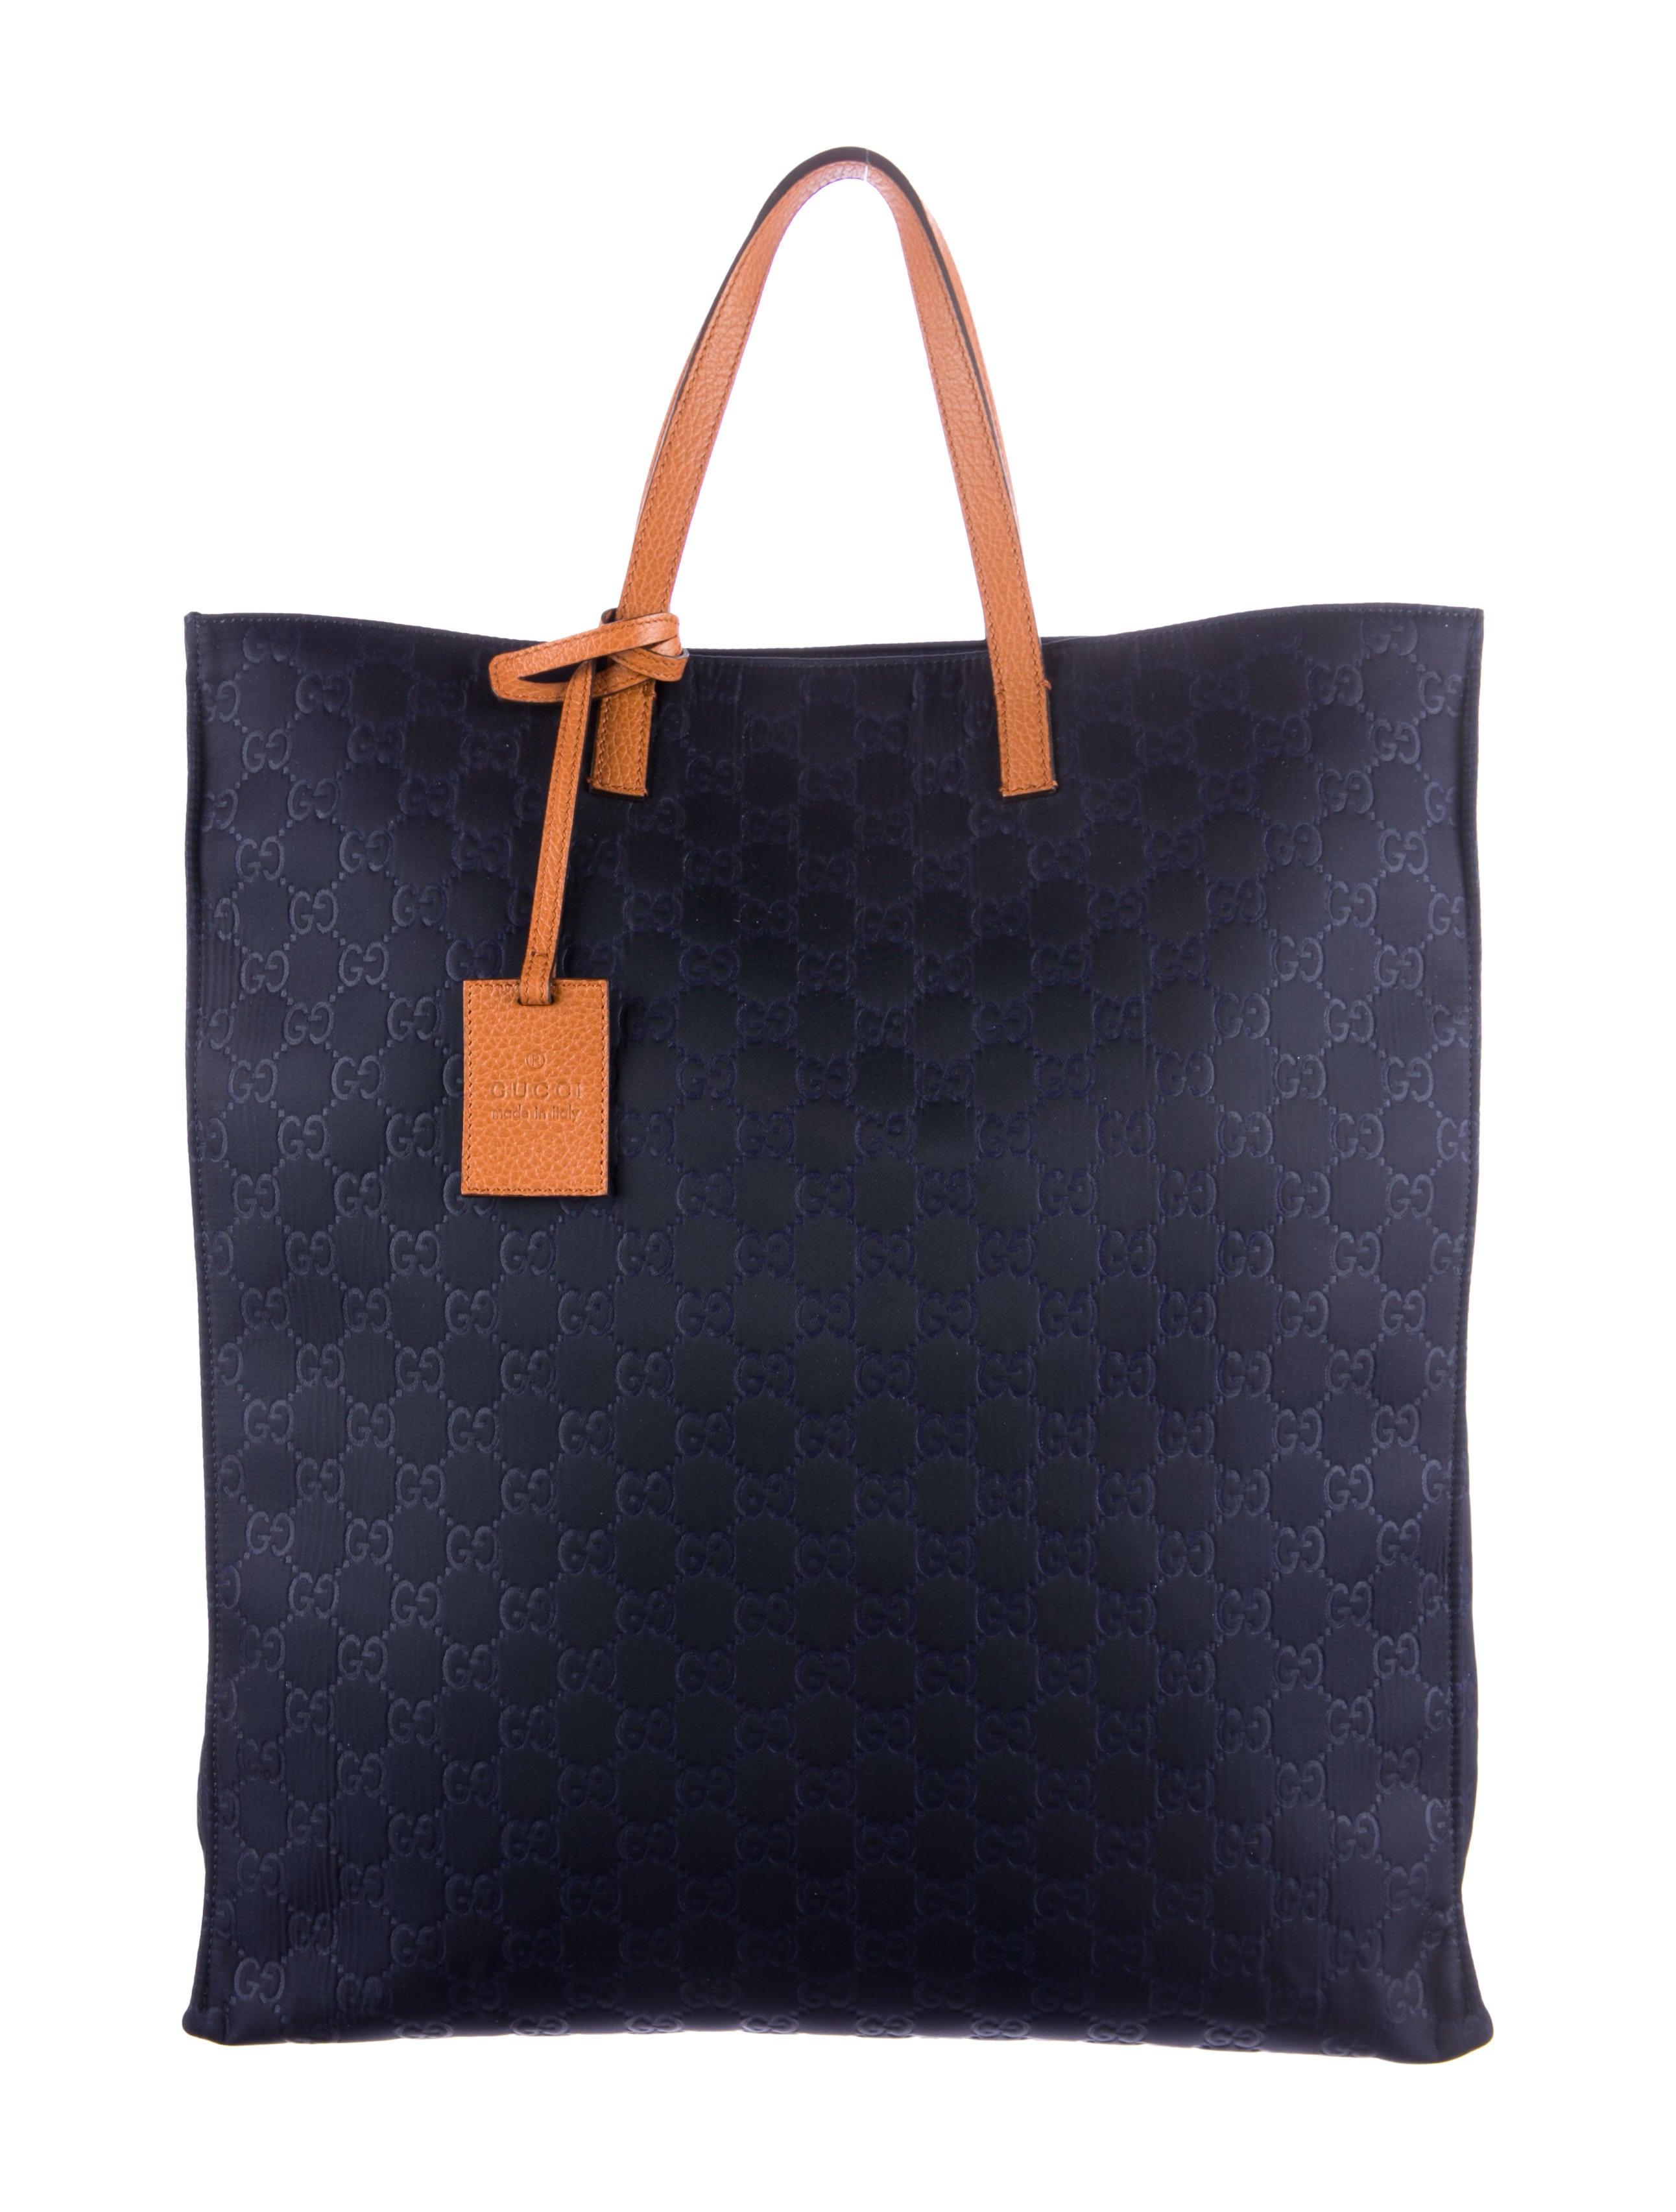 b32fd8291da2 Guccissima Nylon Tote Bags | Stanford Center for Opportunity Policy ...